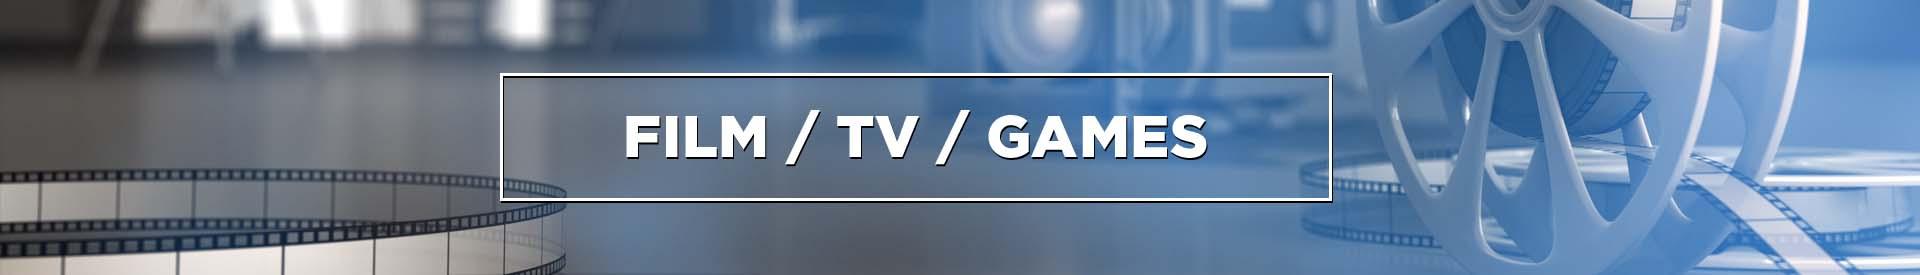 film_tv_games_Banner.jpg